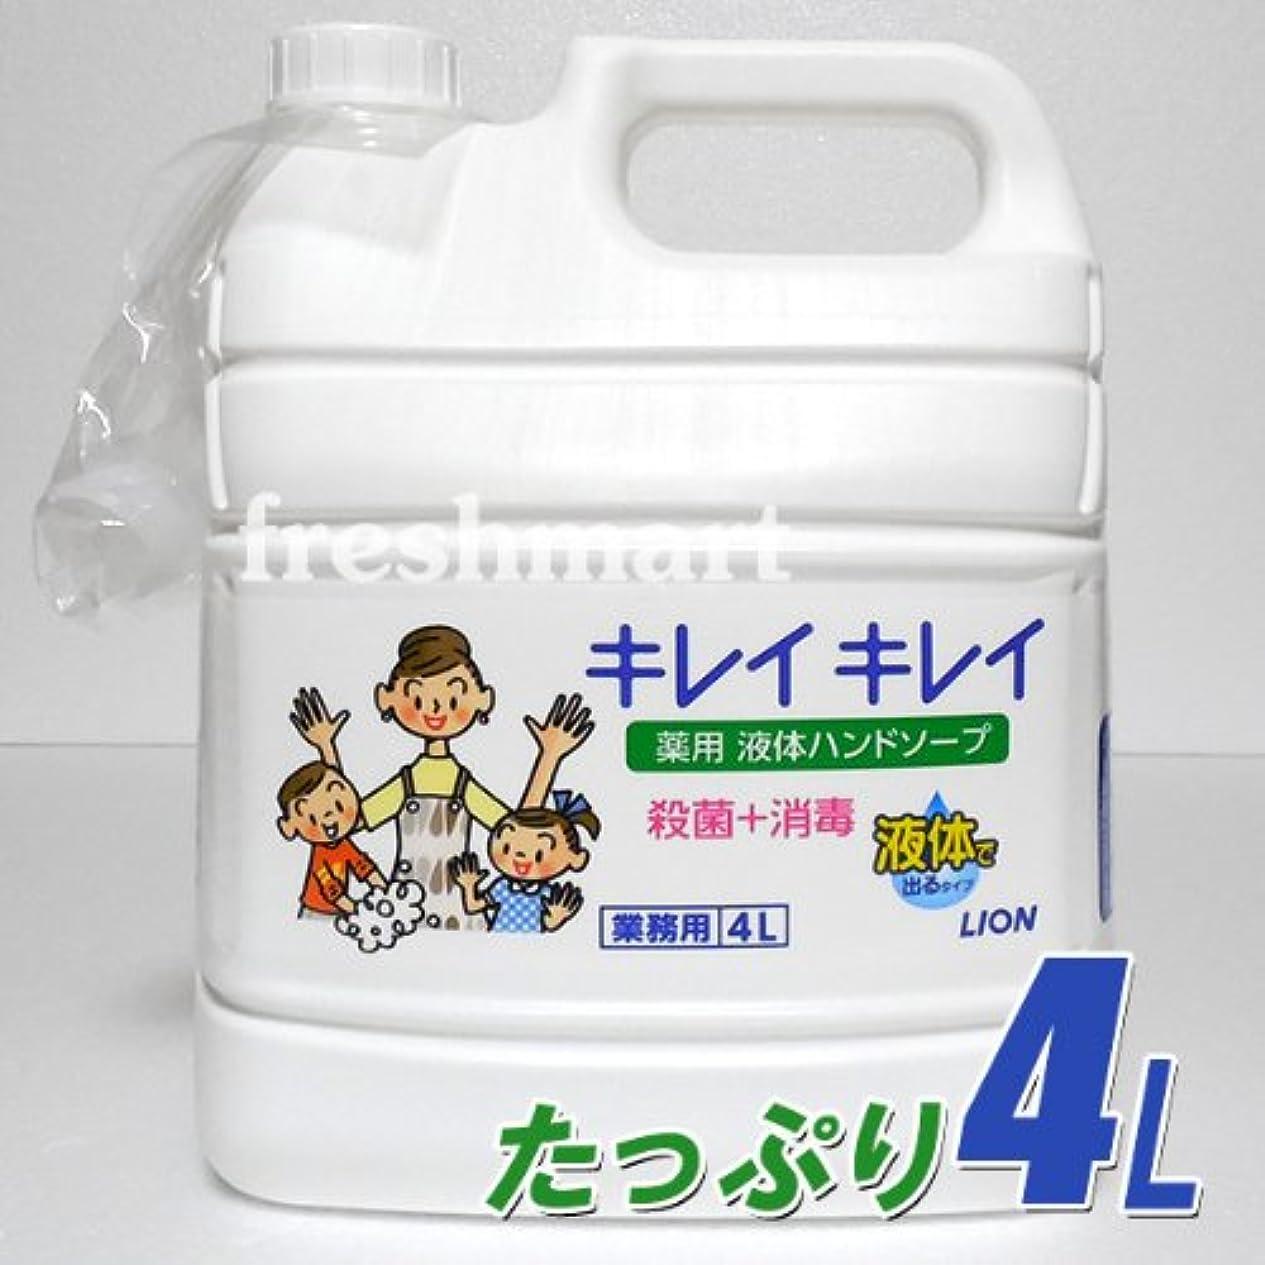 聞きます展開する作り上げる☆100%植物性洗浄成分使用☆ ライオン キレイキレイ 薬用液体ハンドソープ つめかえ用4L 業務用 大容量 ボトル